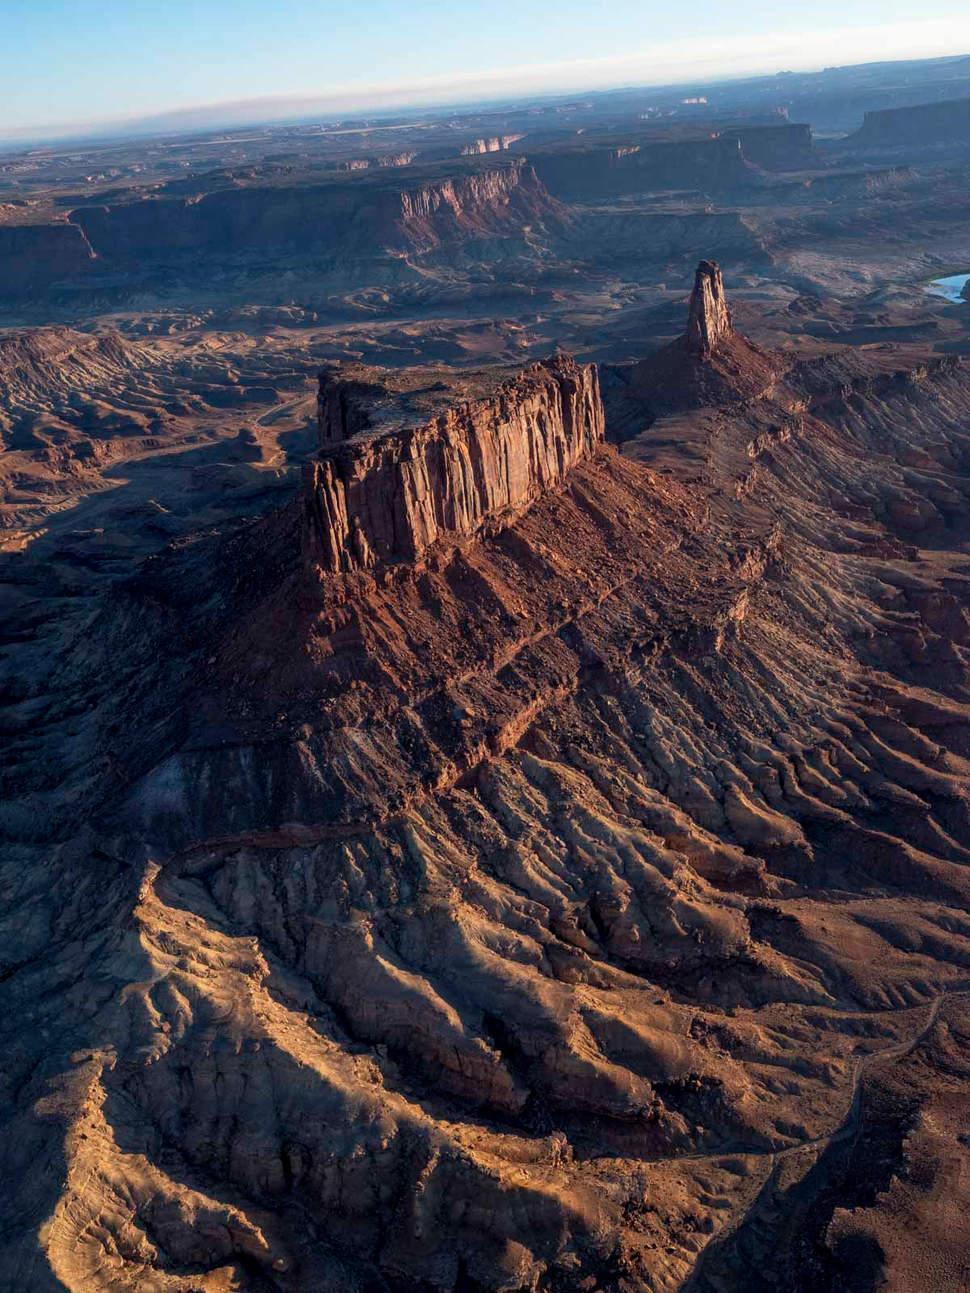 'Kingdom' - Moab, Utah